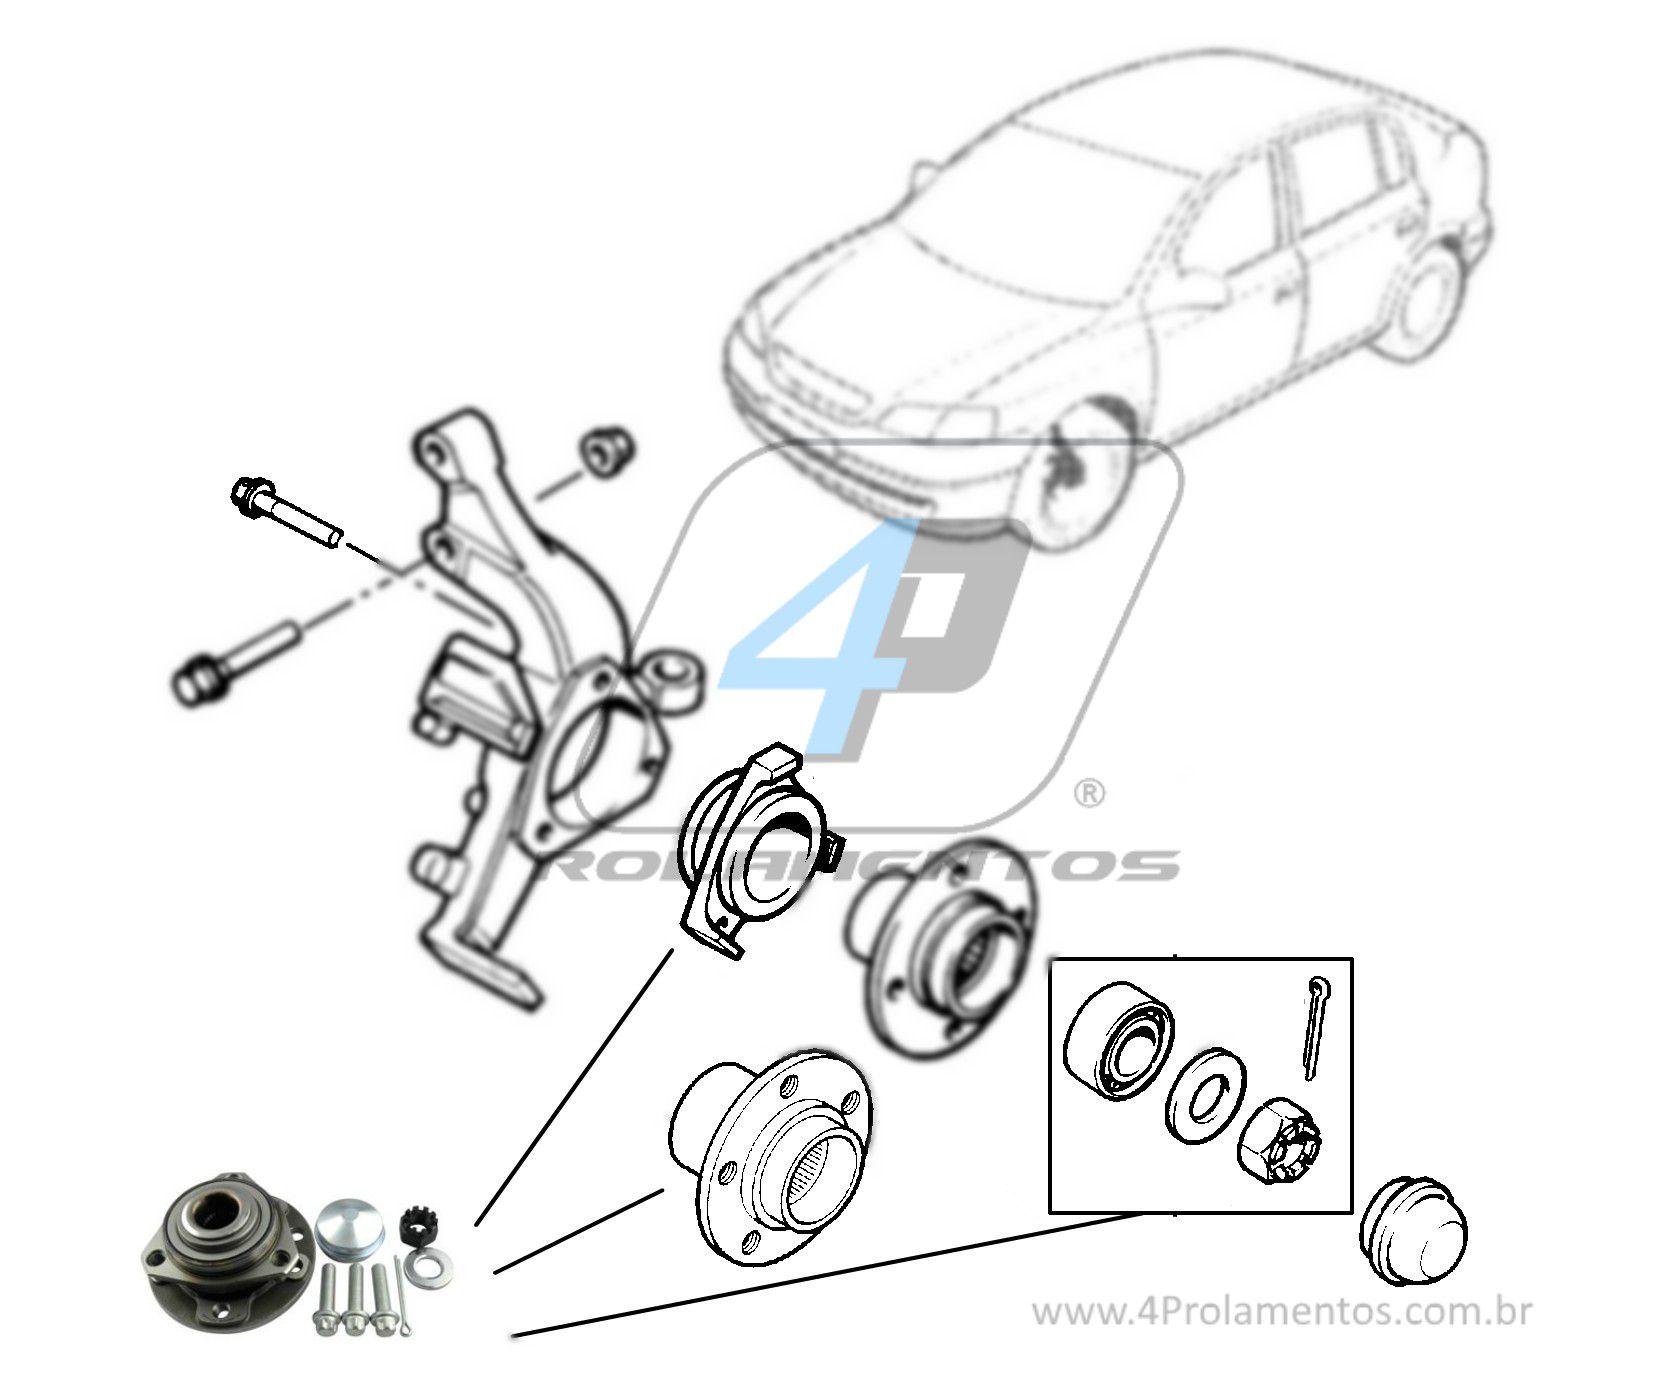 Cubo de Roda Dianteira CHEVROLET Astra 1999 até 2012, 5 Furos, sem ABS.